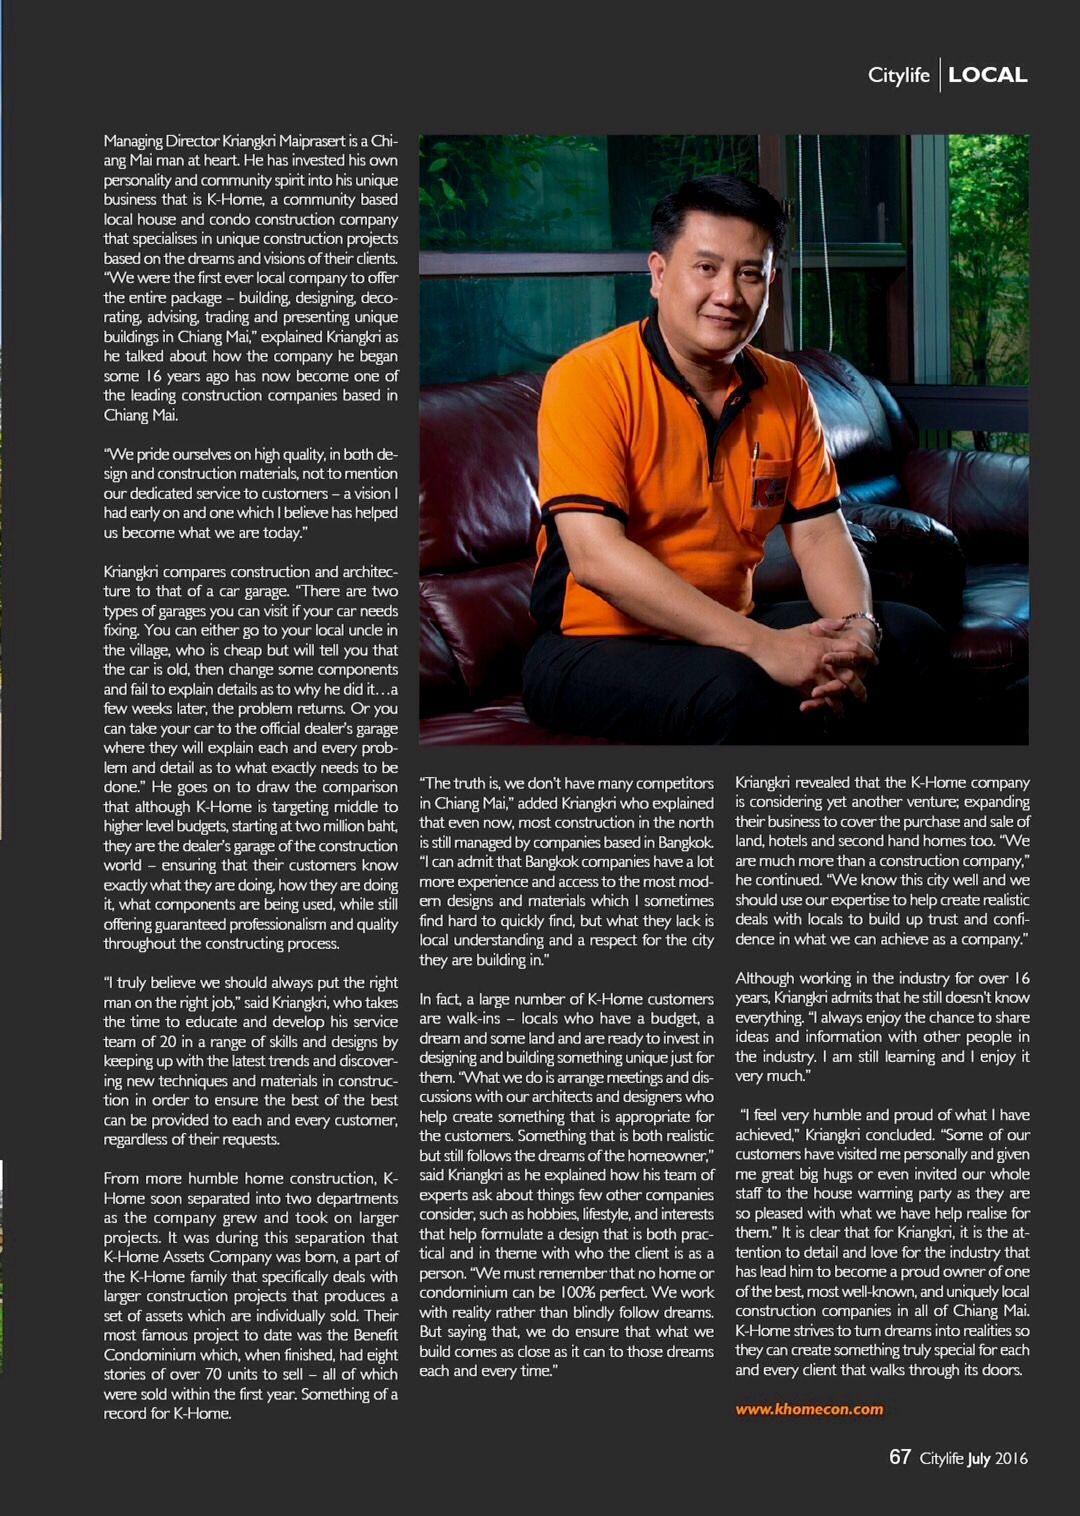 บทสัมภาษณ์ลง Citylife